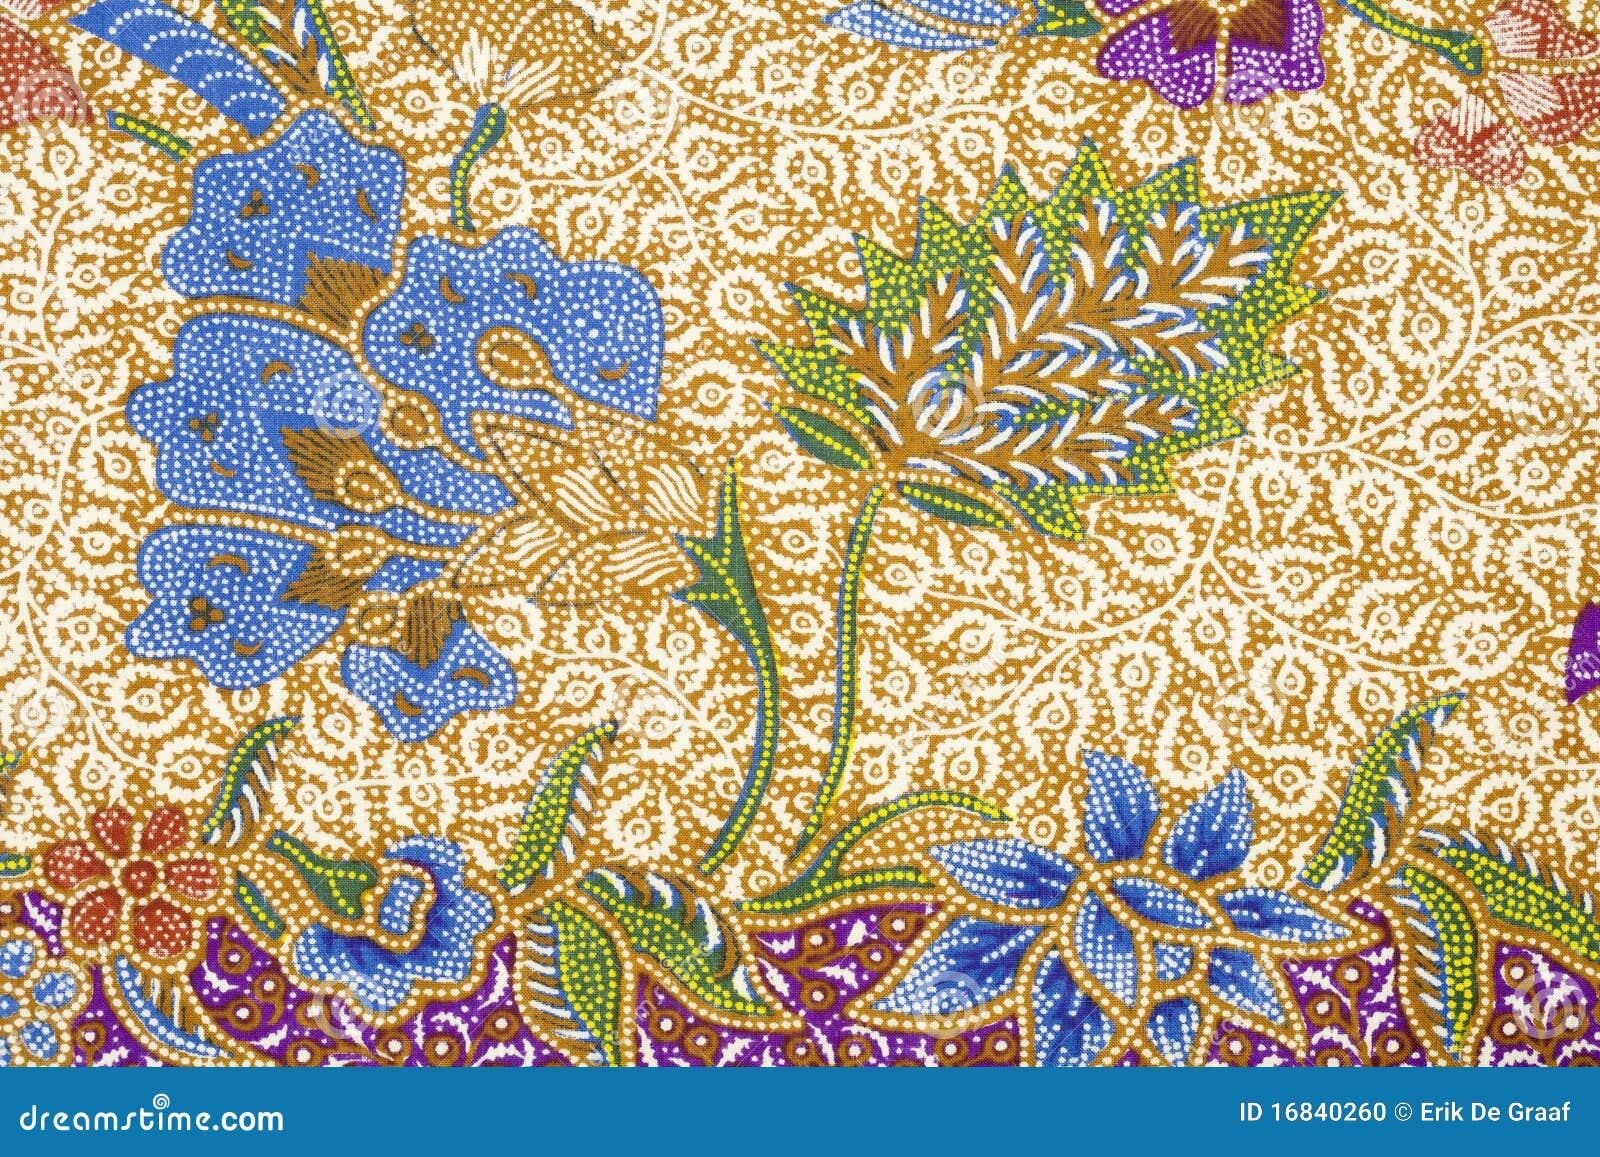 Disegno del batik